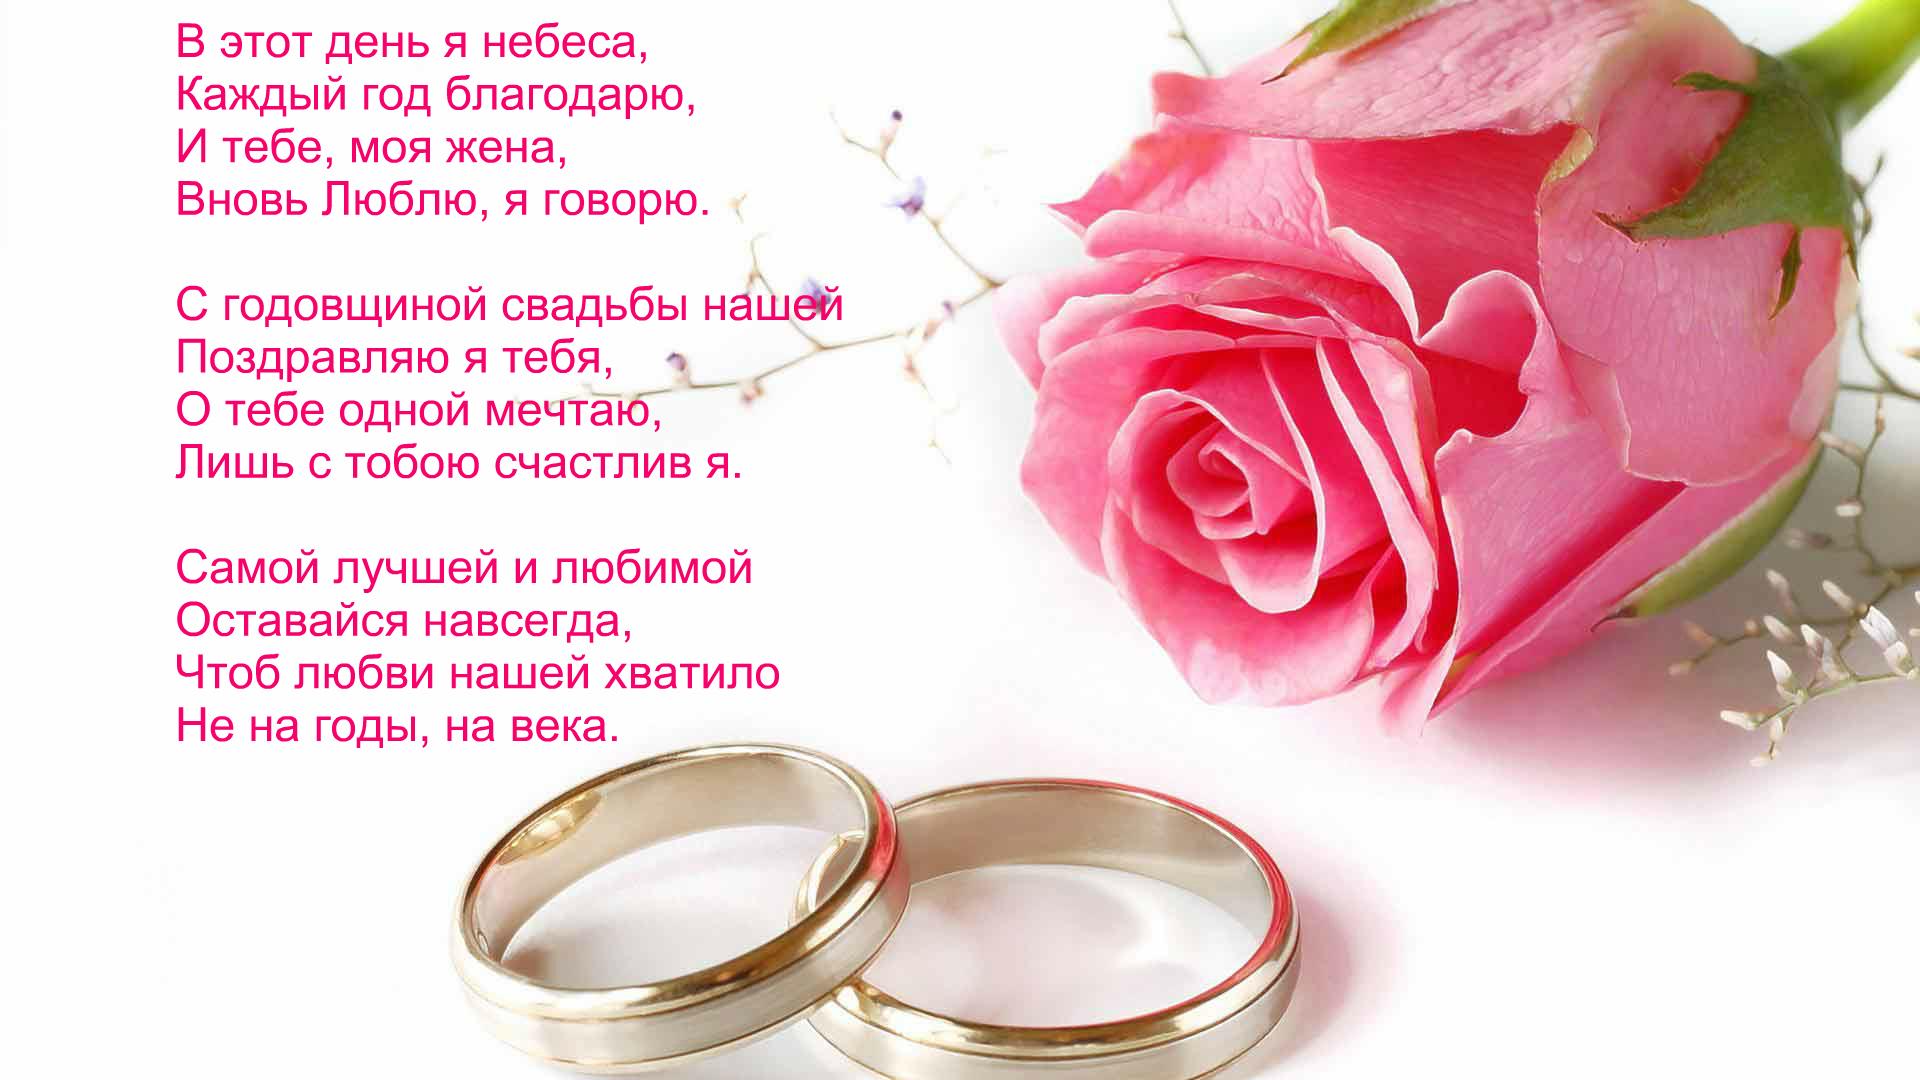 Поздравления с днем свадьбы в четверостишьях фото 317